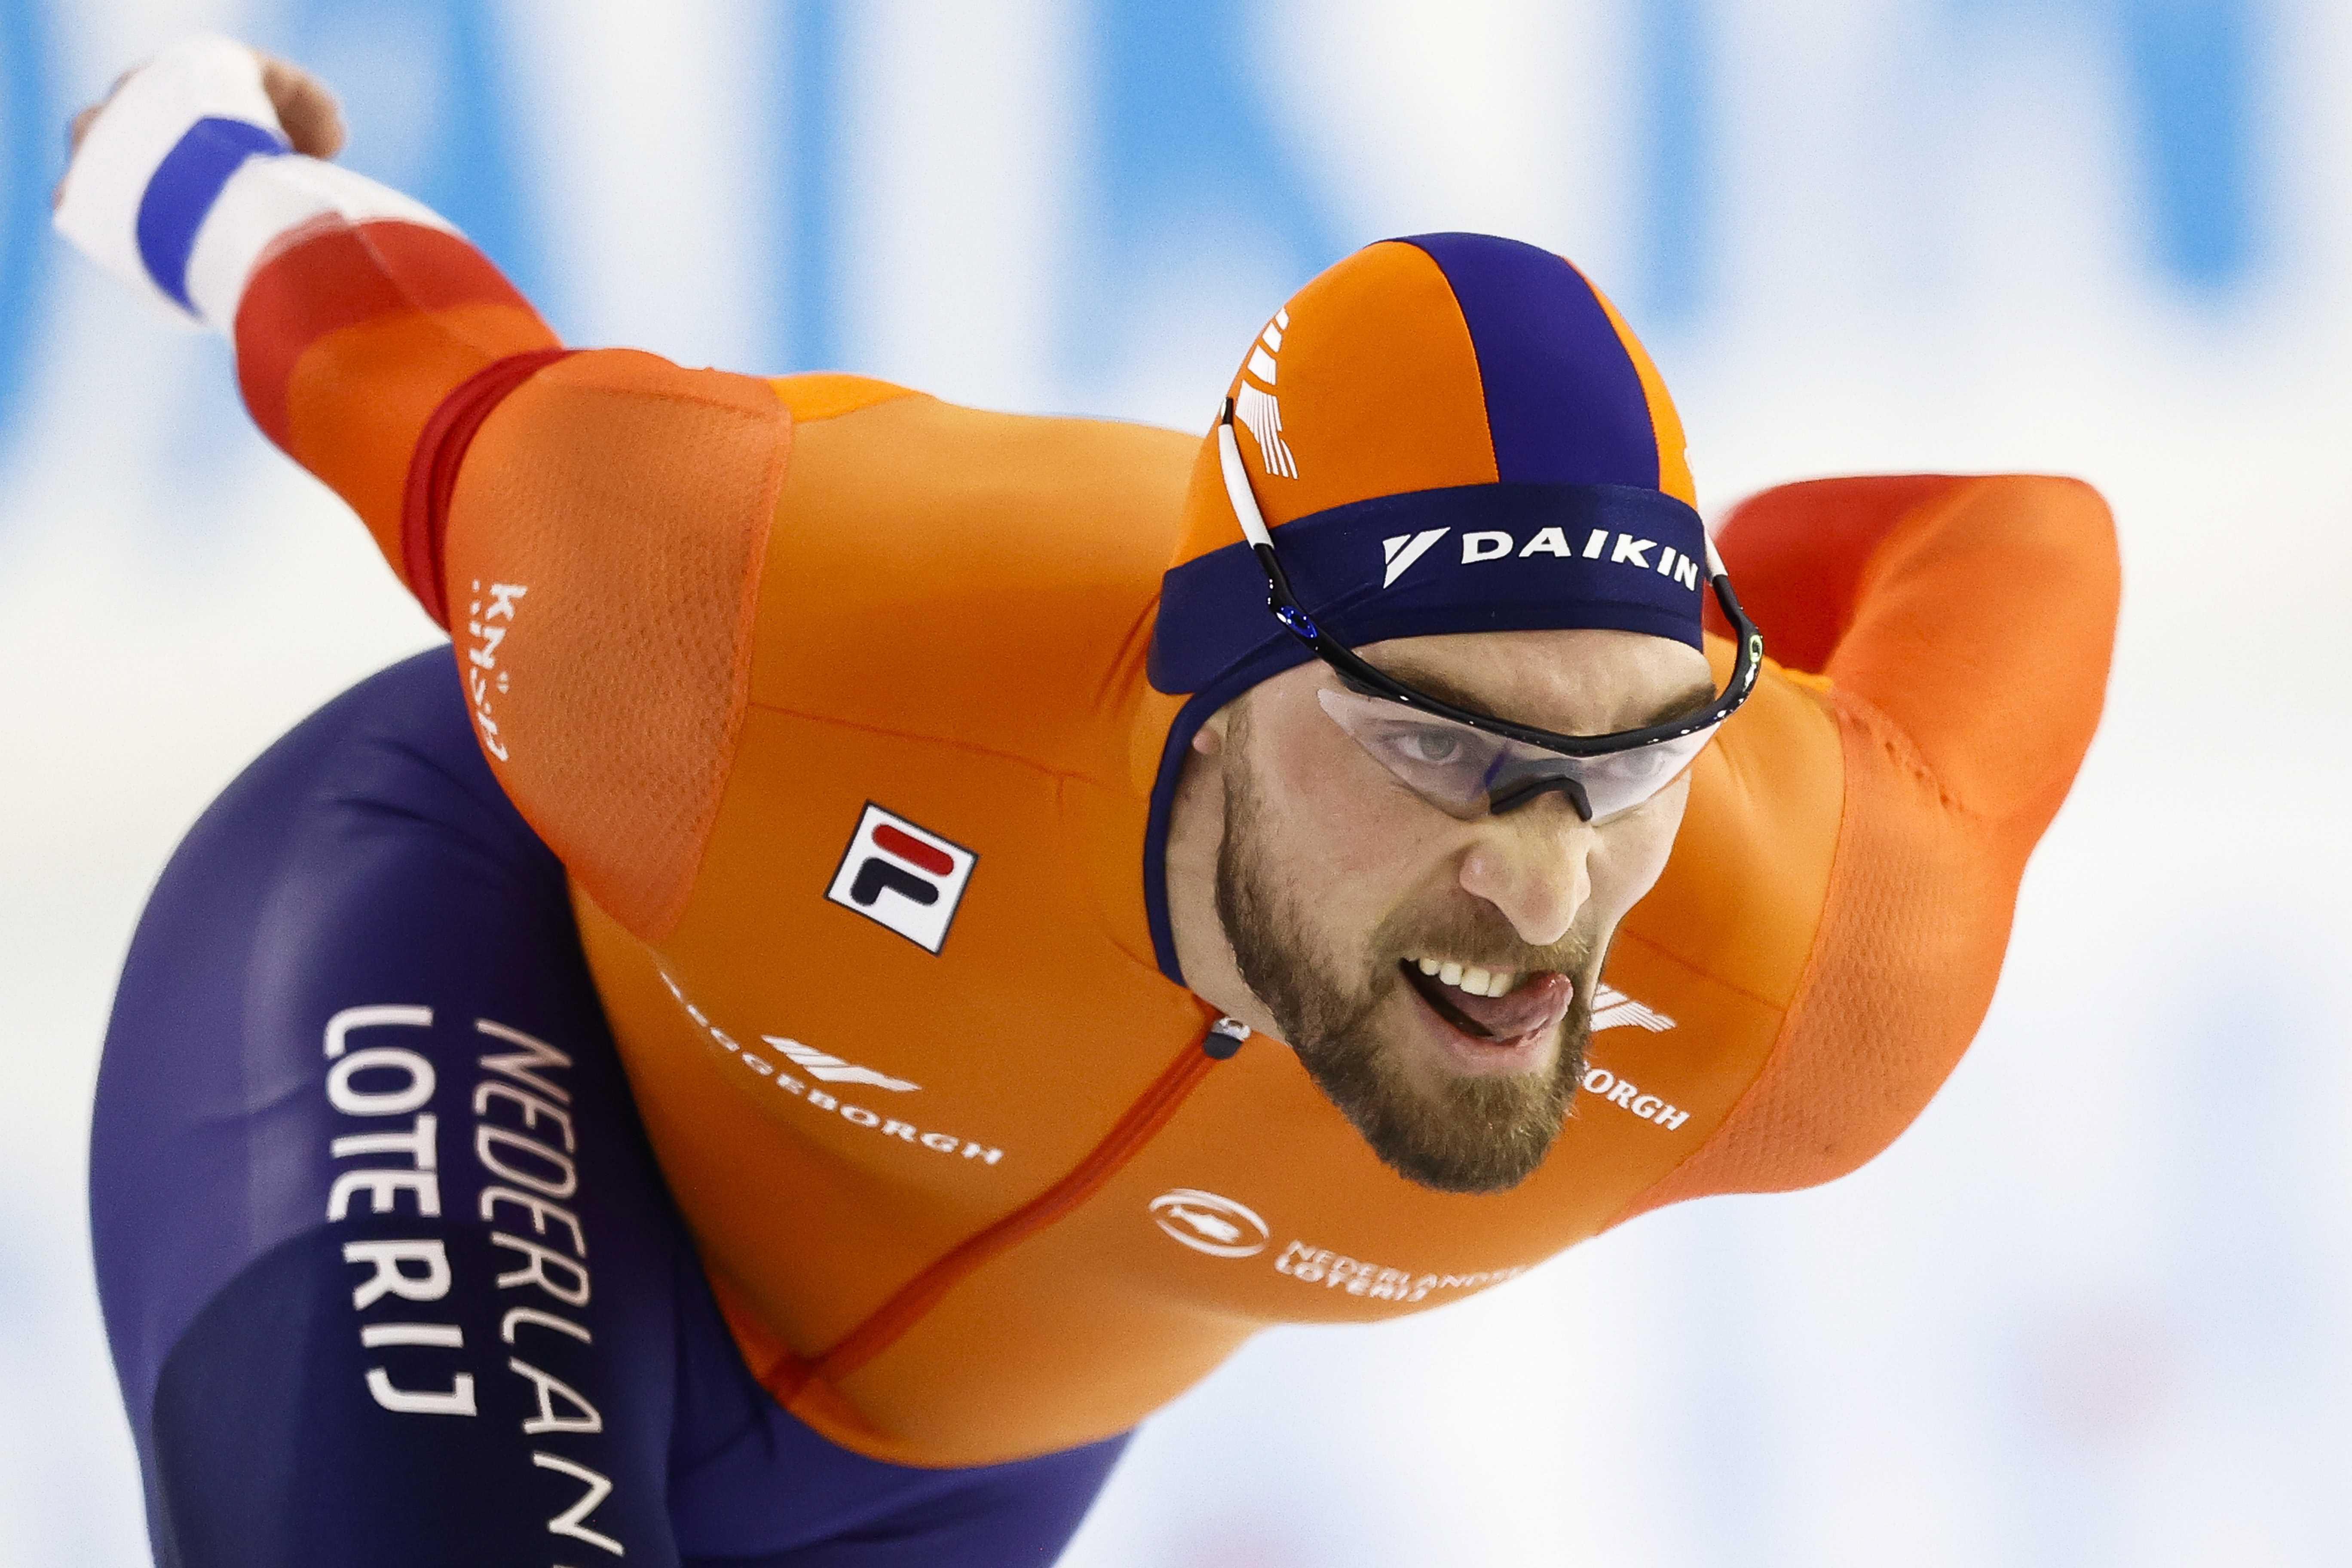 Kjeld Nuis redt gedeeltelijk verloren seizoen. Zoeterwoudse schaatser onttroond als wereldkampioen op 1500 meter, maar nog wel tweede achter Thomas Krol